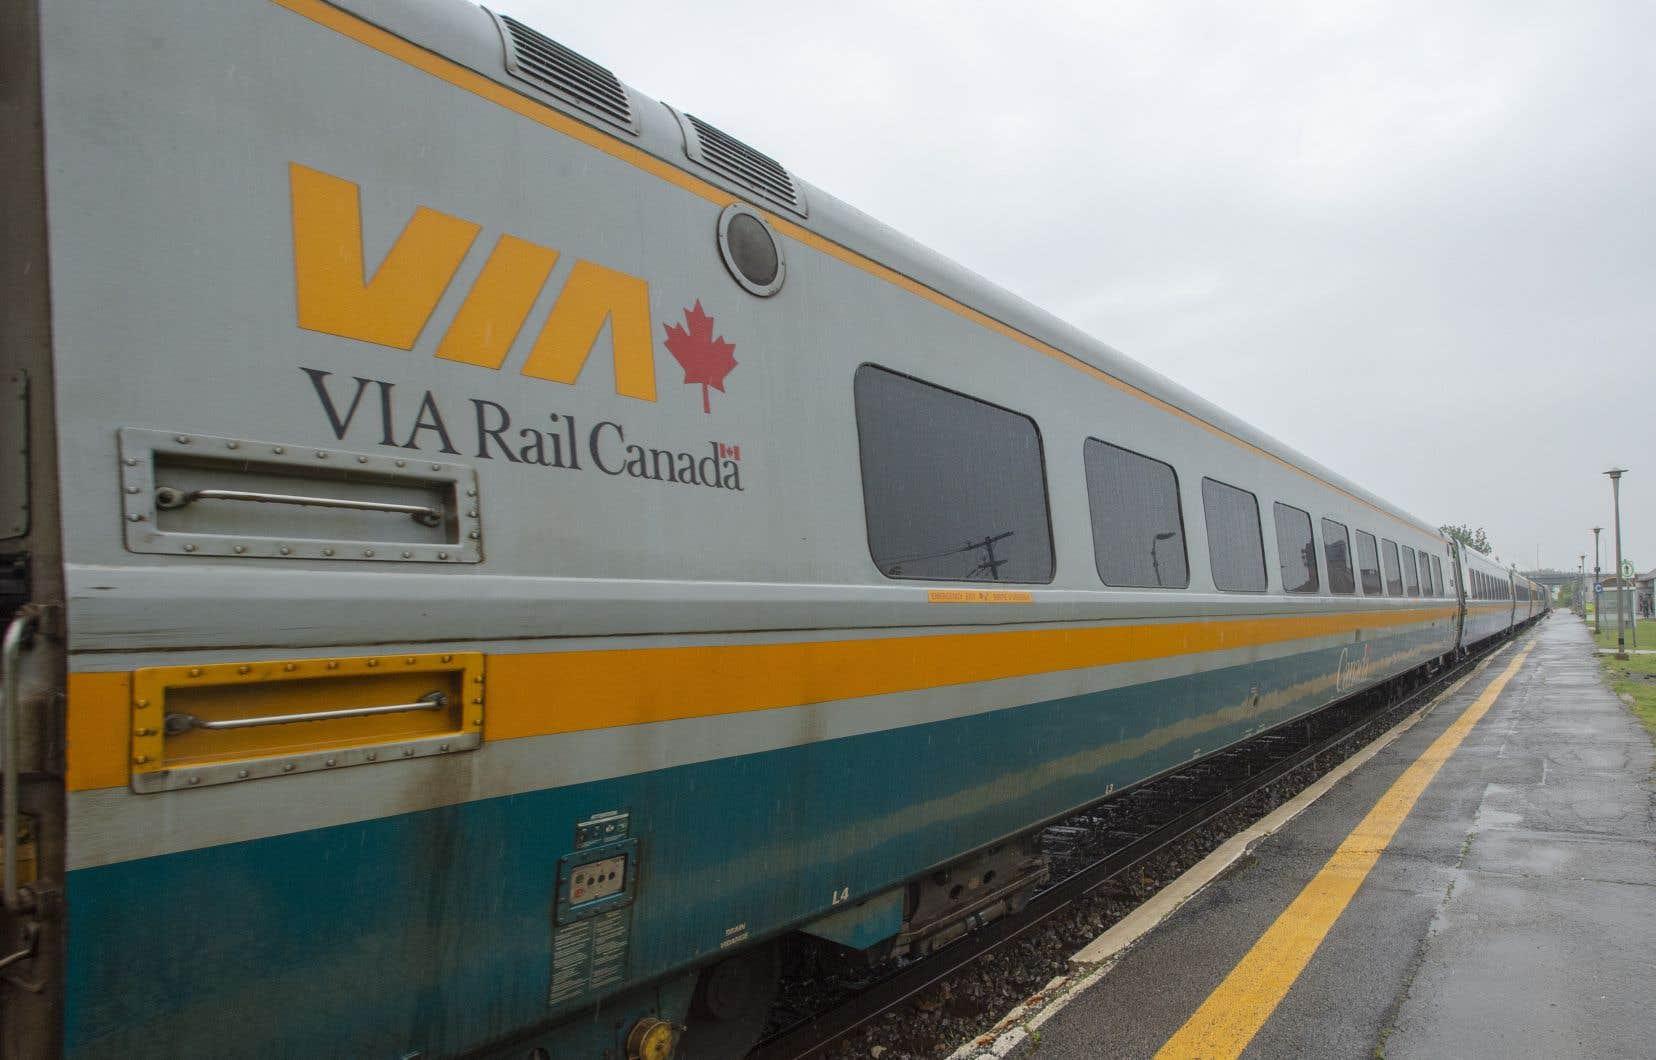 «VIA Rail devrait envisager le partage de l'infrastructure avec des trains régionaux, à l'instar des TER français ou du Regionalbahn en Allemagne», estime l'auteur.